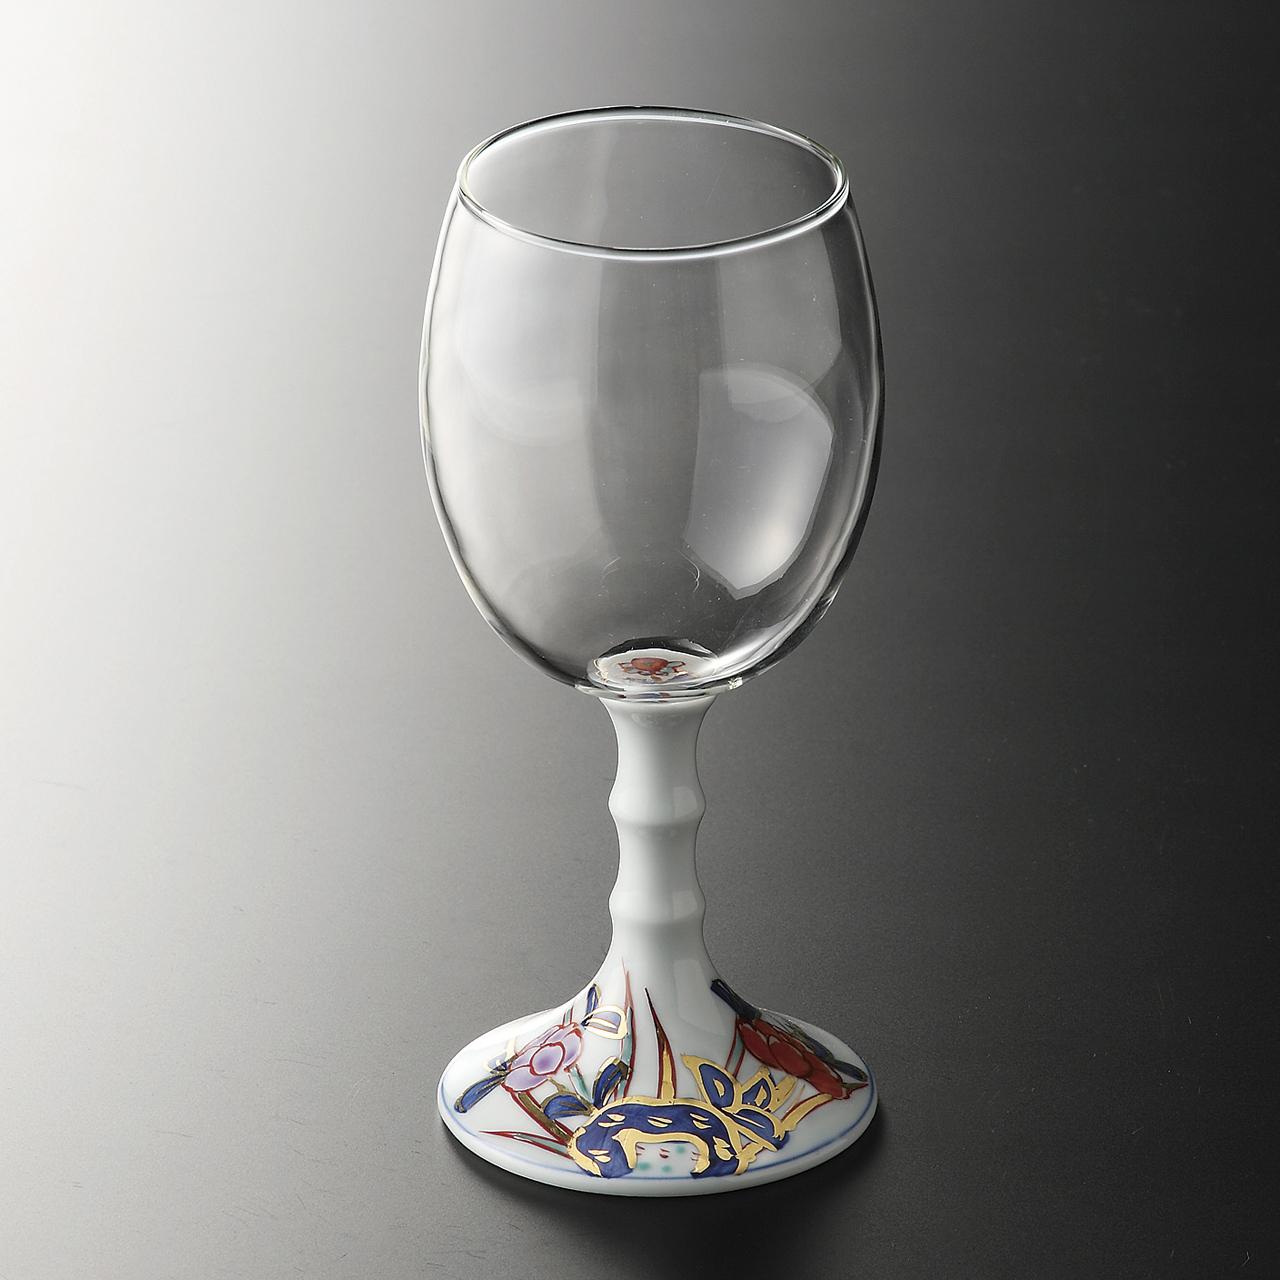 ワイングラス (古伊万里風) 20-205